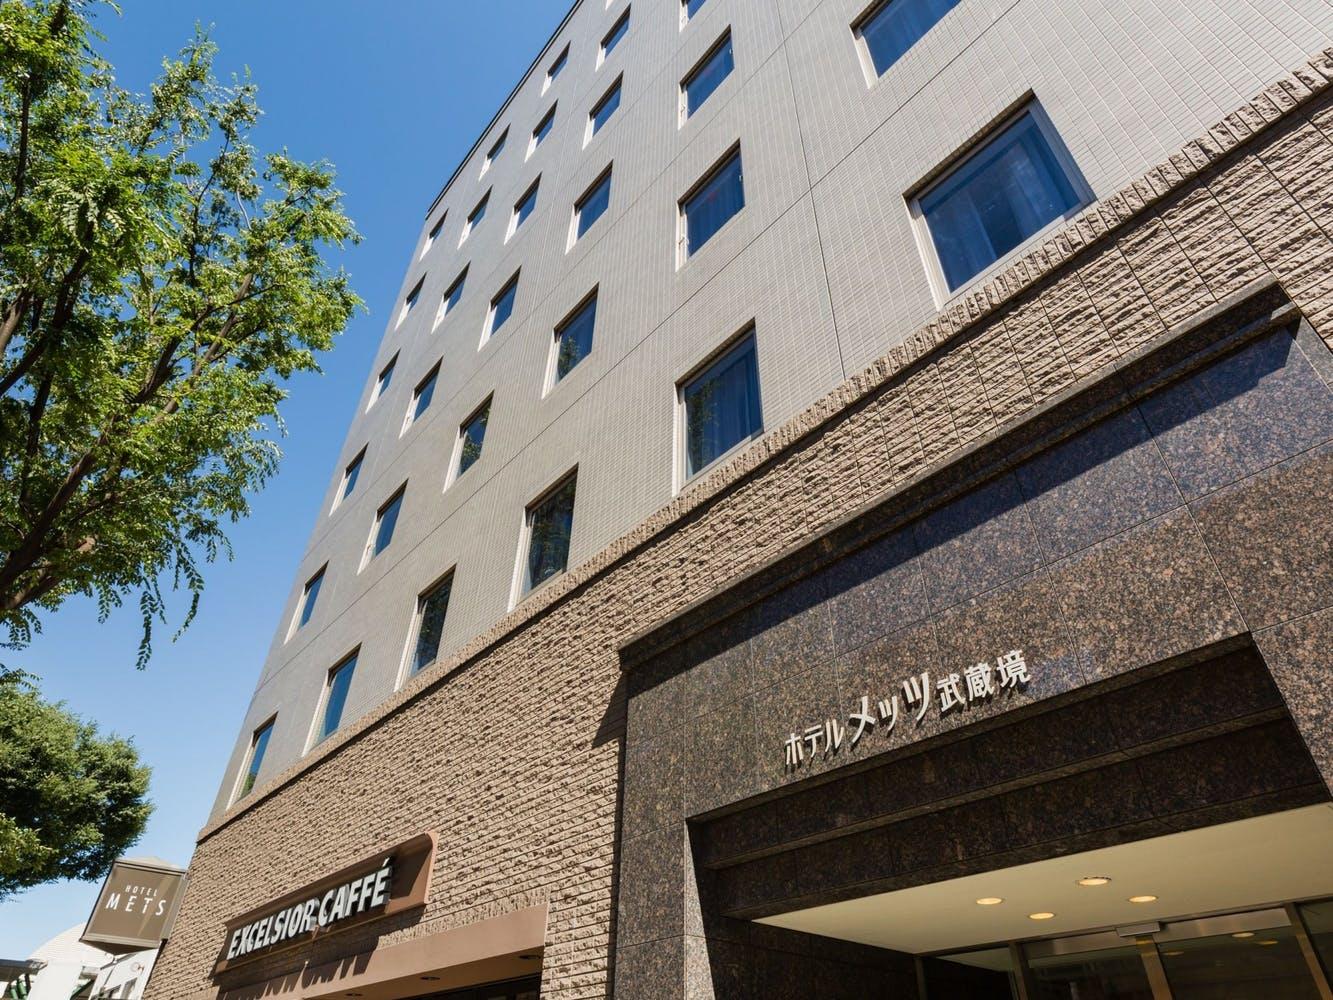 JR東日本ホテルメッツ 武蔵境  武蔵境駅南口徒歩1分! 写真1